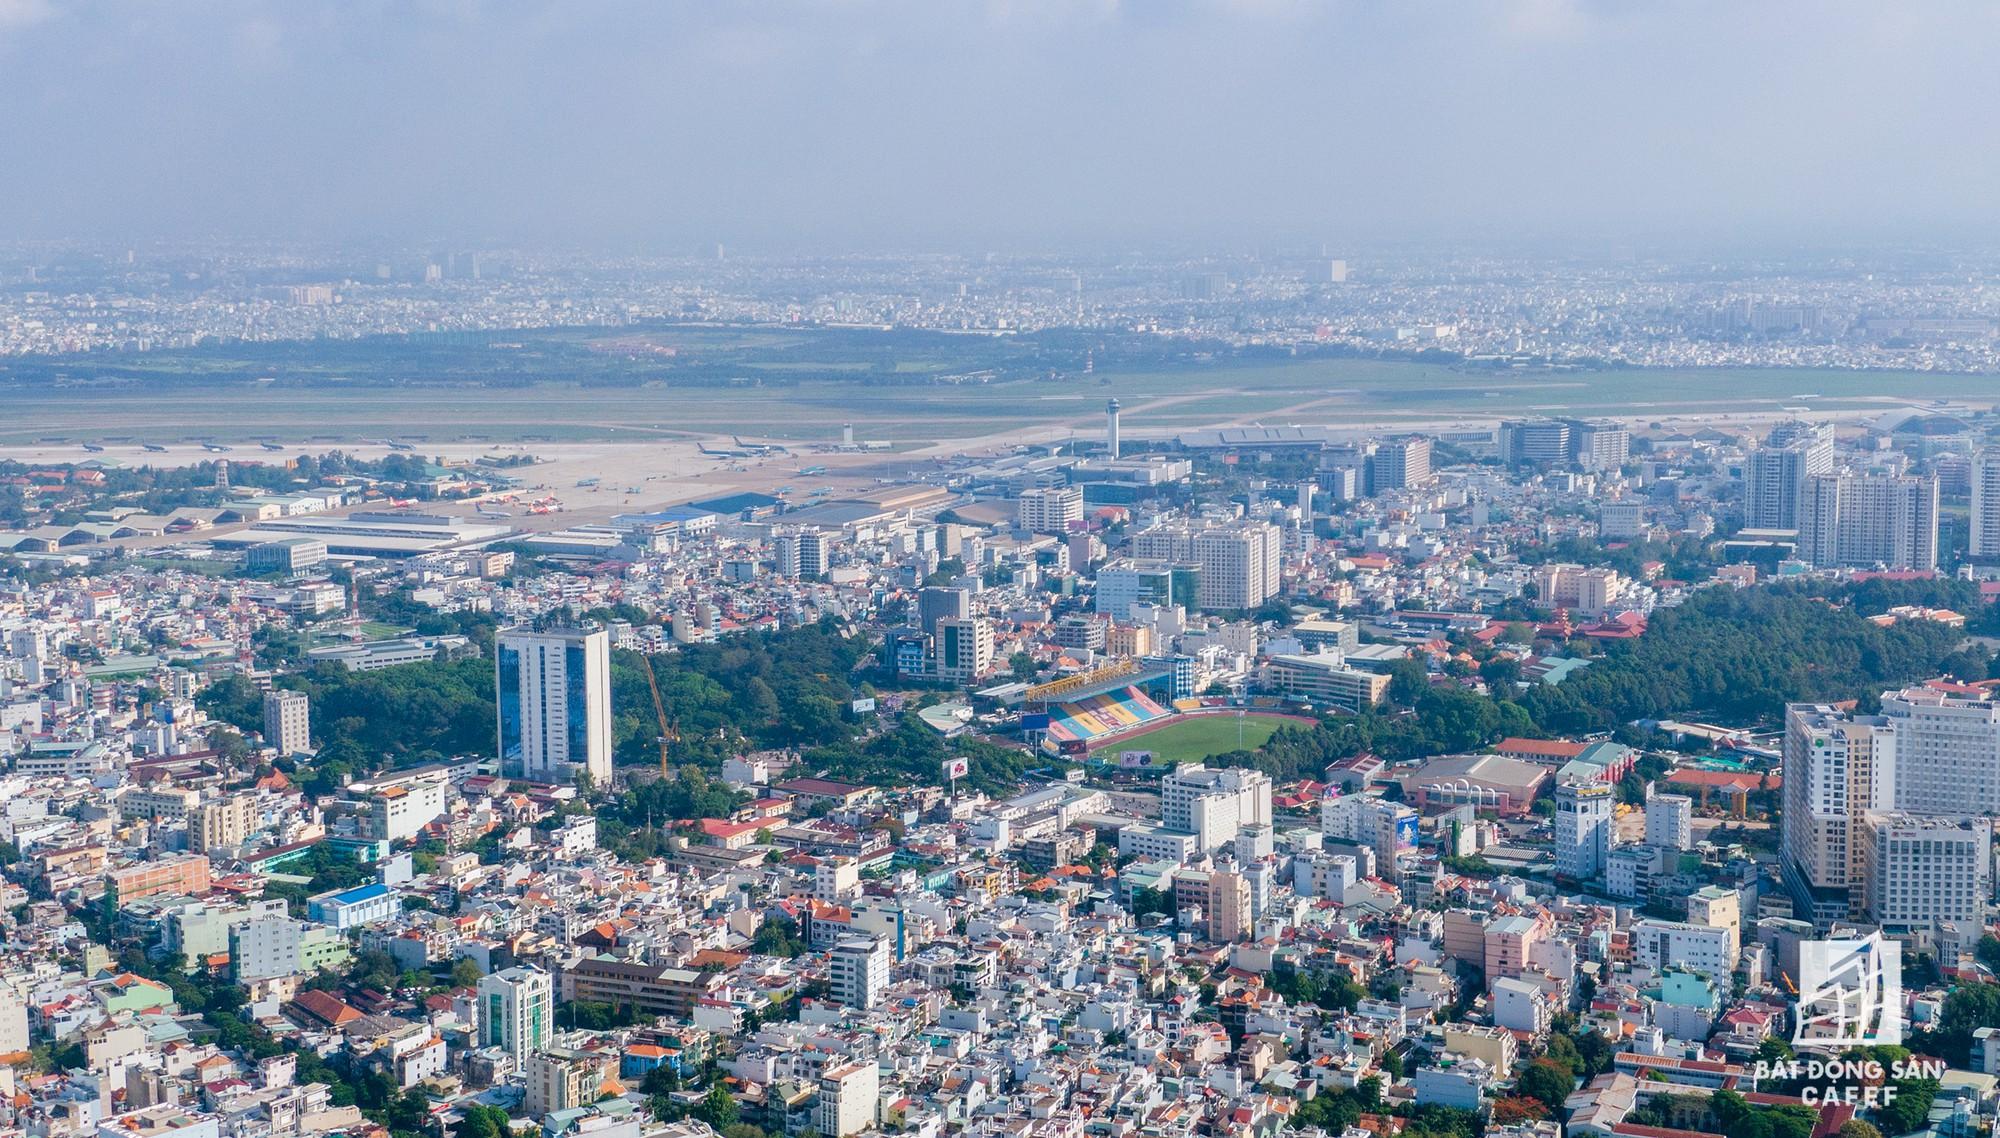 Toàn cảnh tiến độ các dự án của Novaland năm 2019 tại TP.HCM, Vũng Tàu, Phan Thiết và Cam Ranh - Ảnh 2.